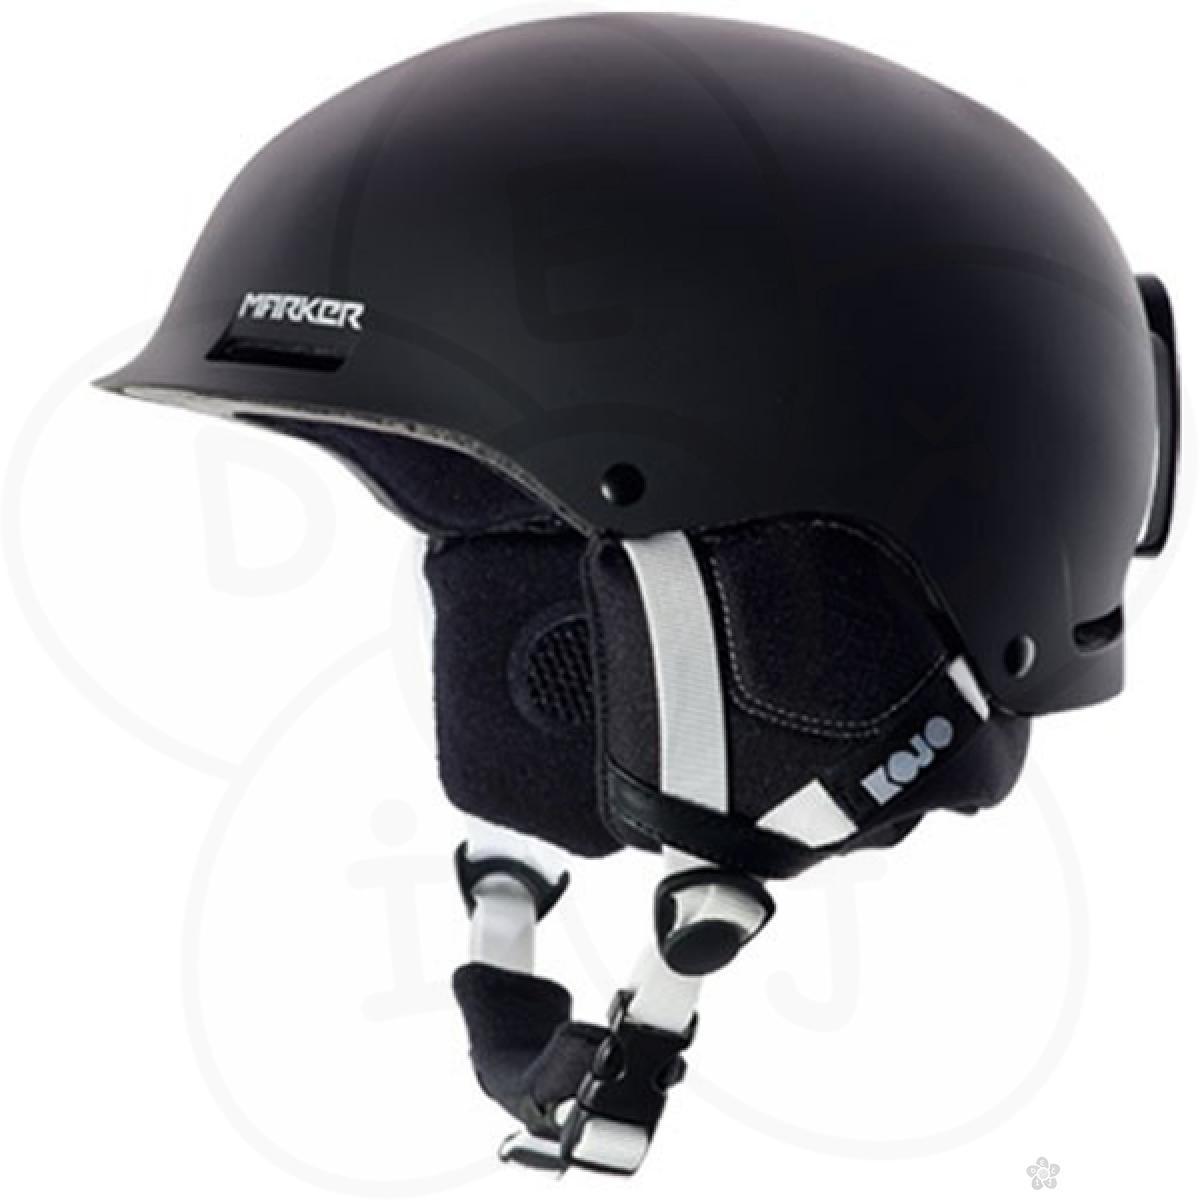 Kaciga Ski Marker Kojo black 2014, SKI-164410120